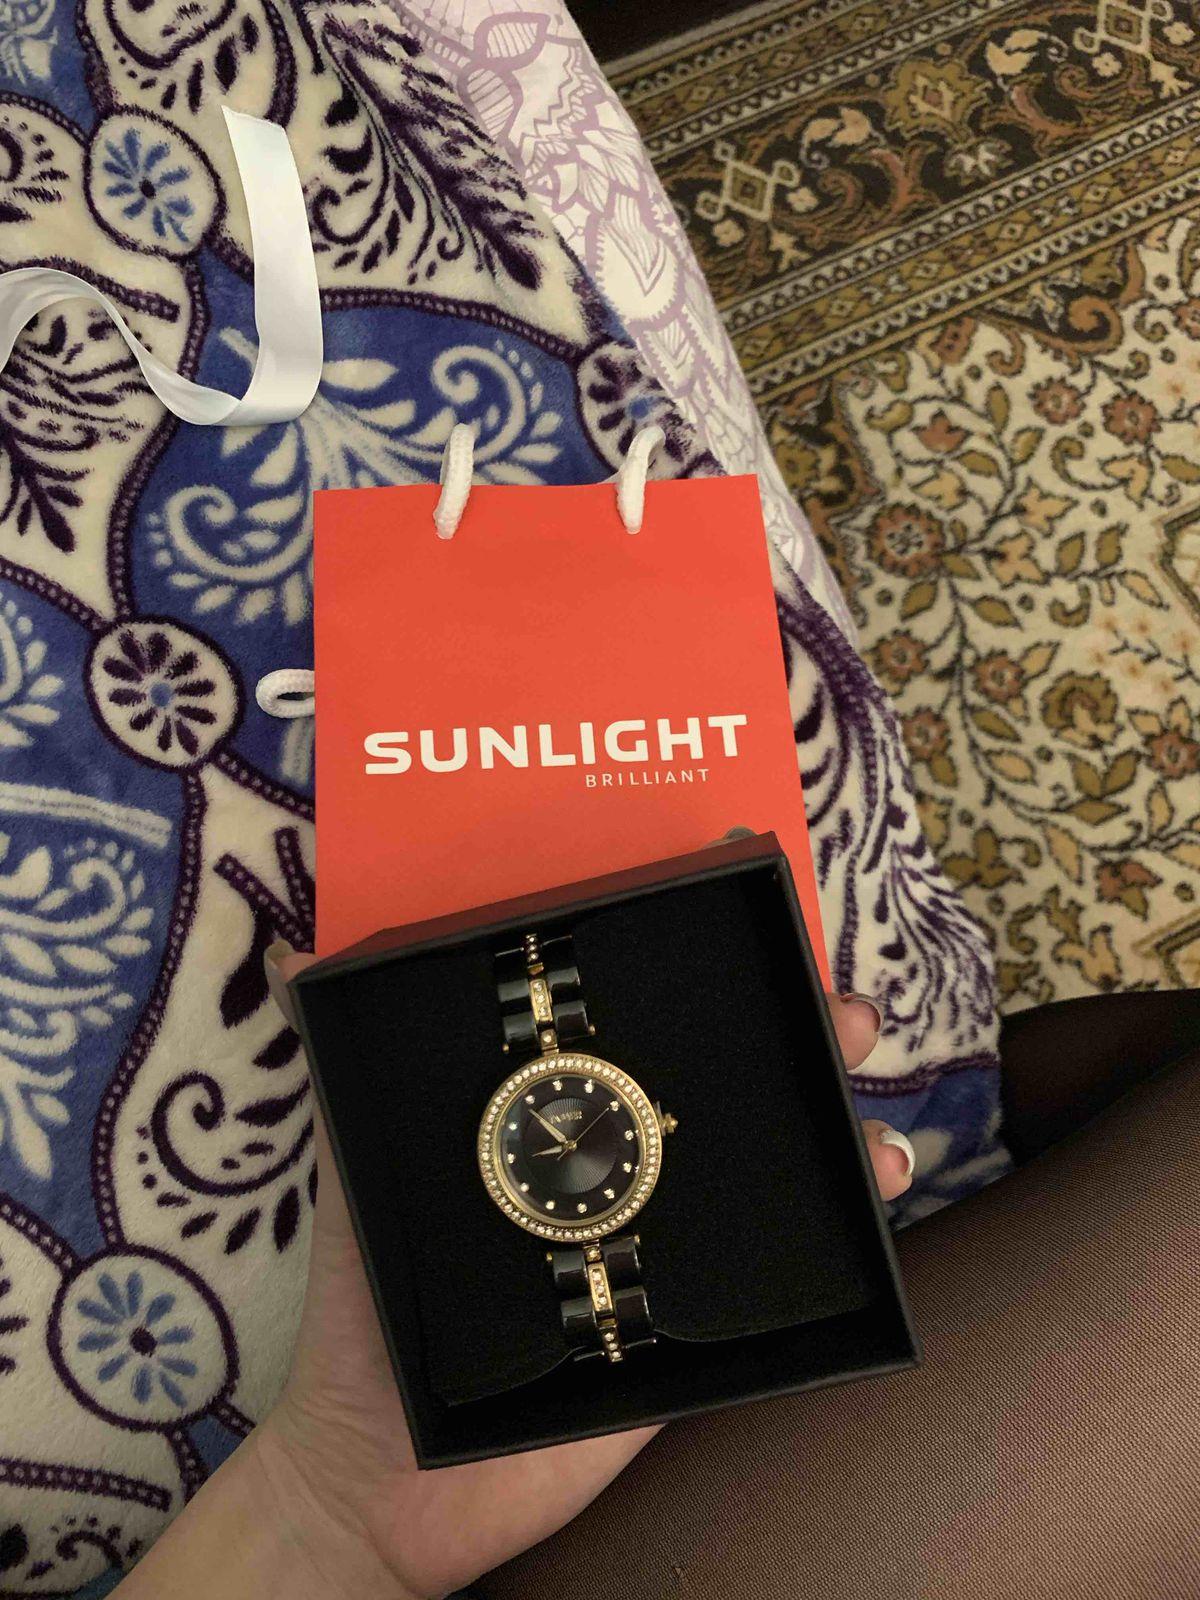 Получила эти часы в подарок, очень красивые, работают без минусов